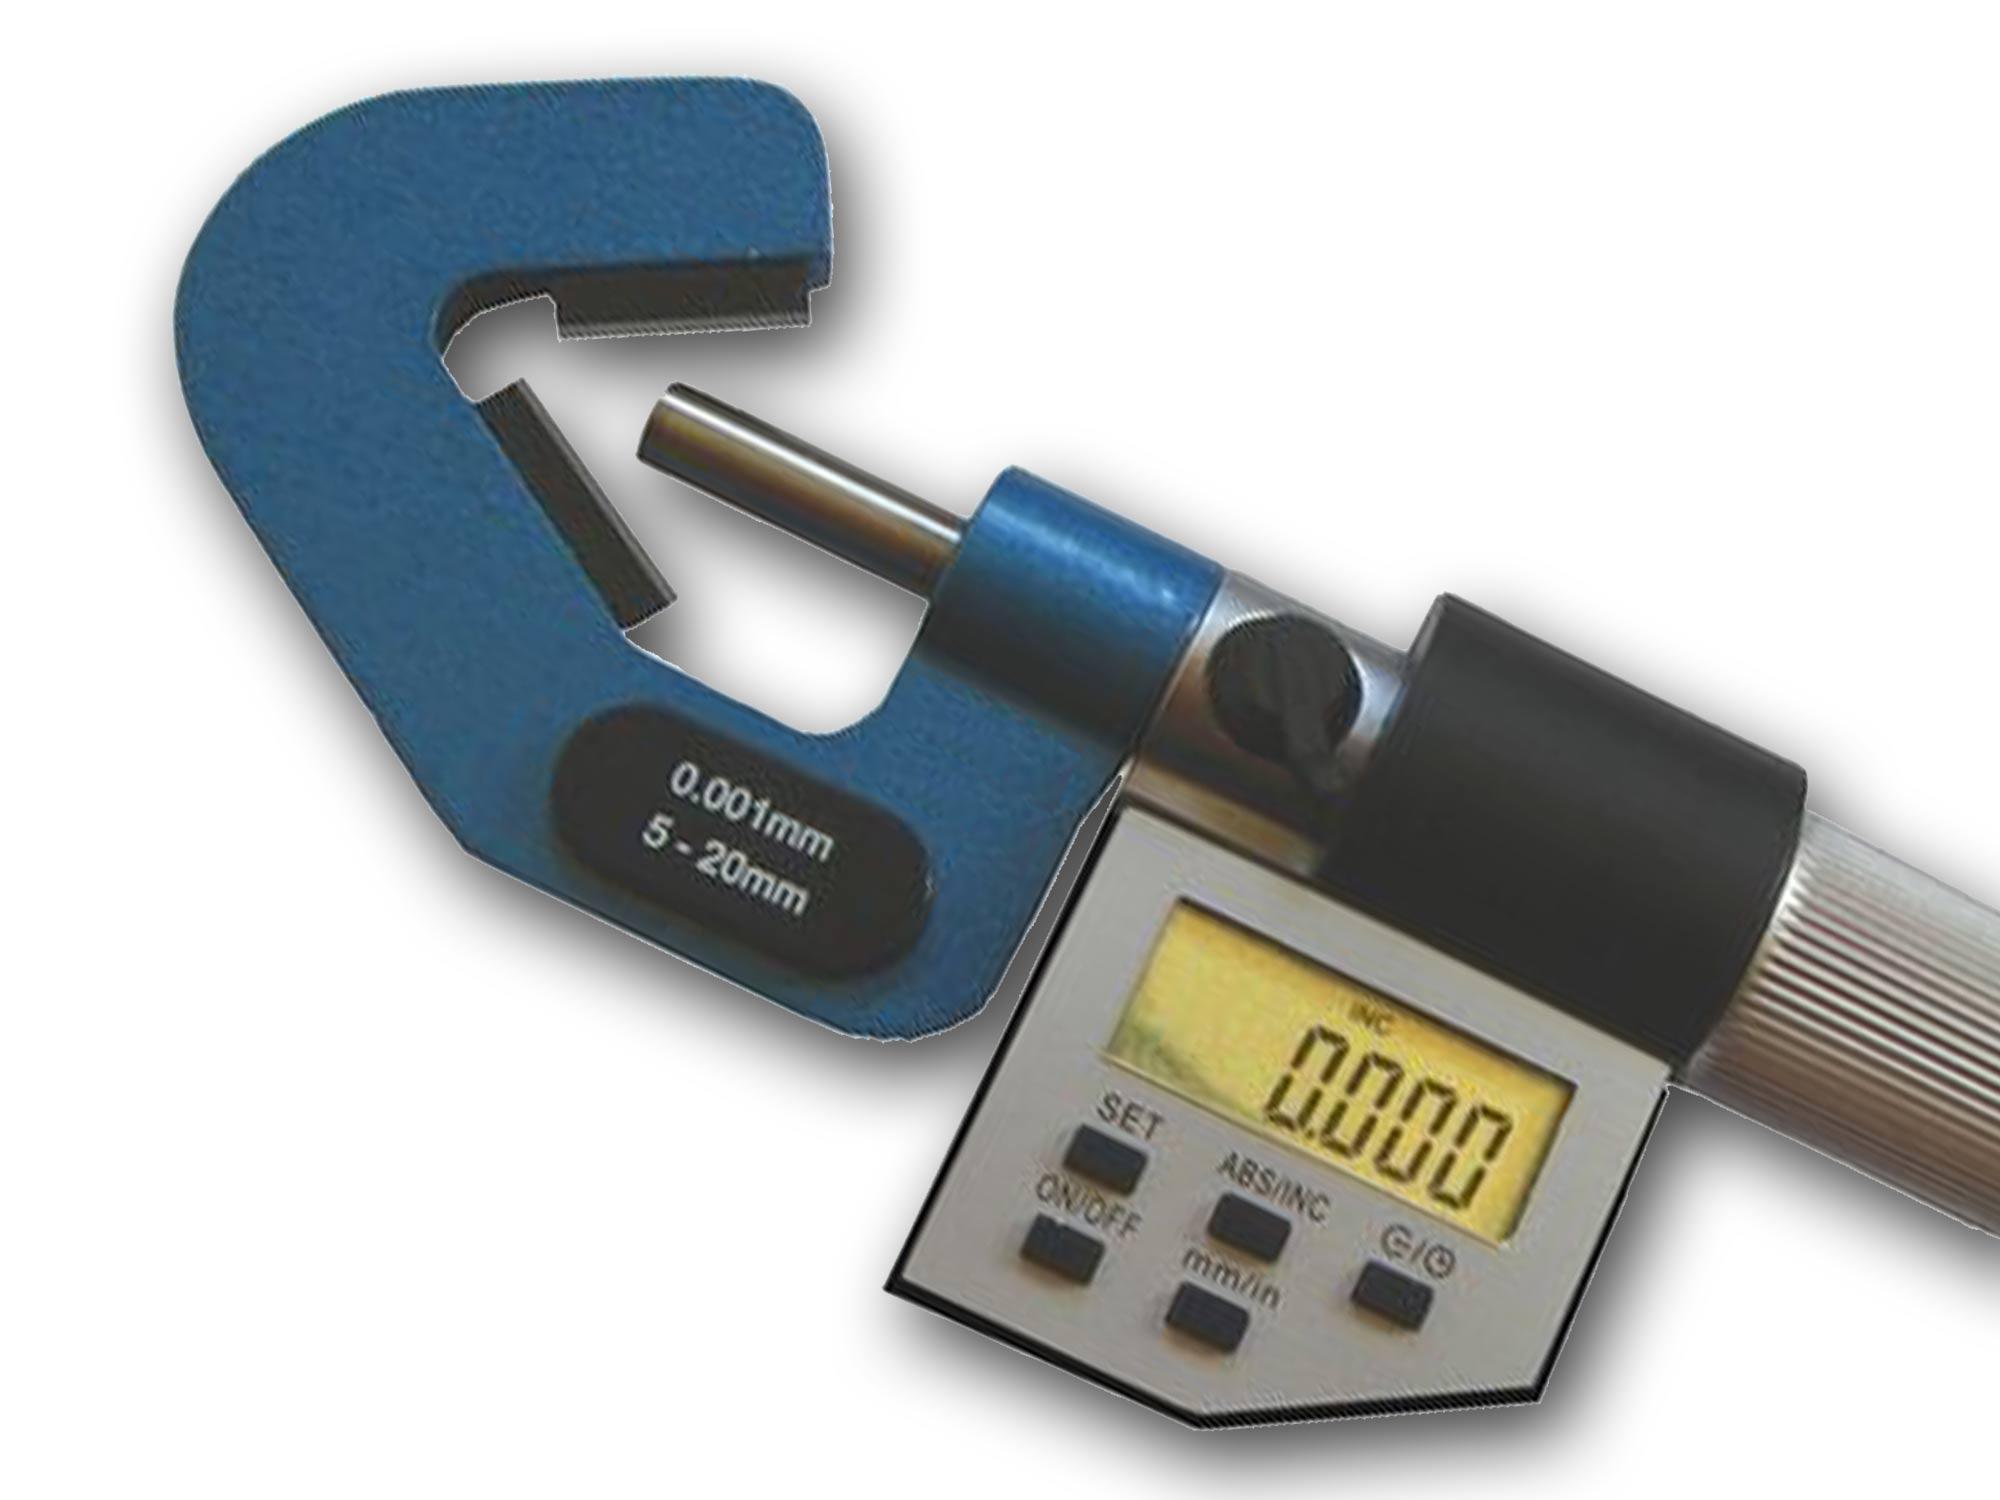 Sondermikrometer und Spezialmikrometer bis 200mm.